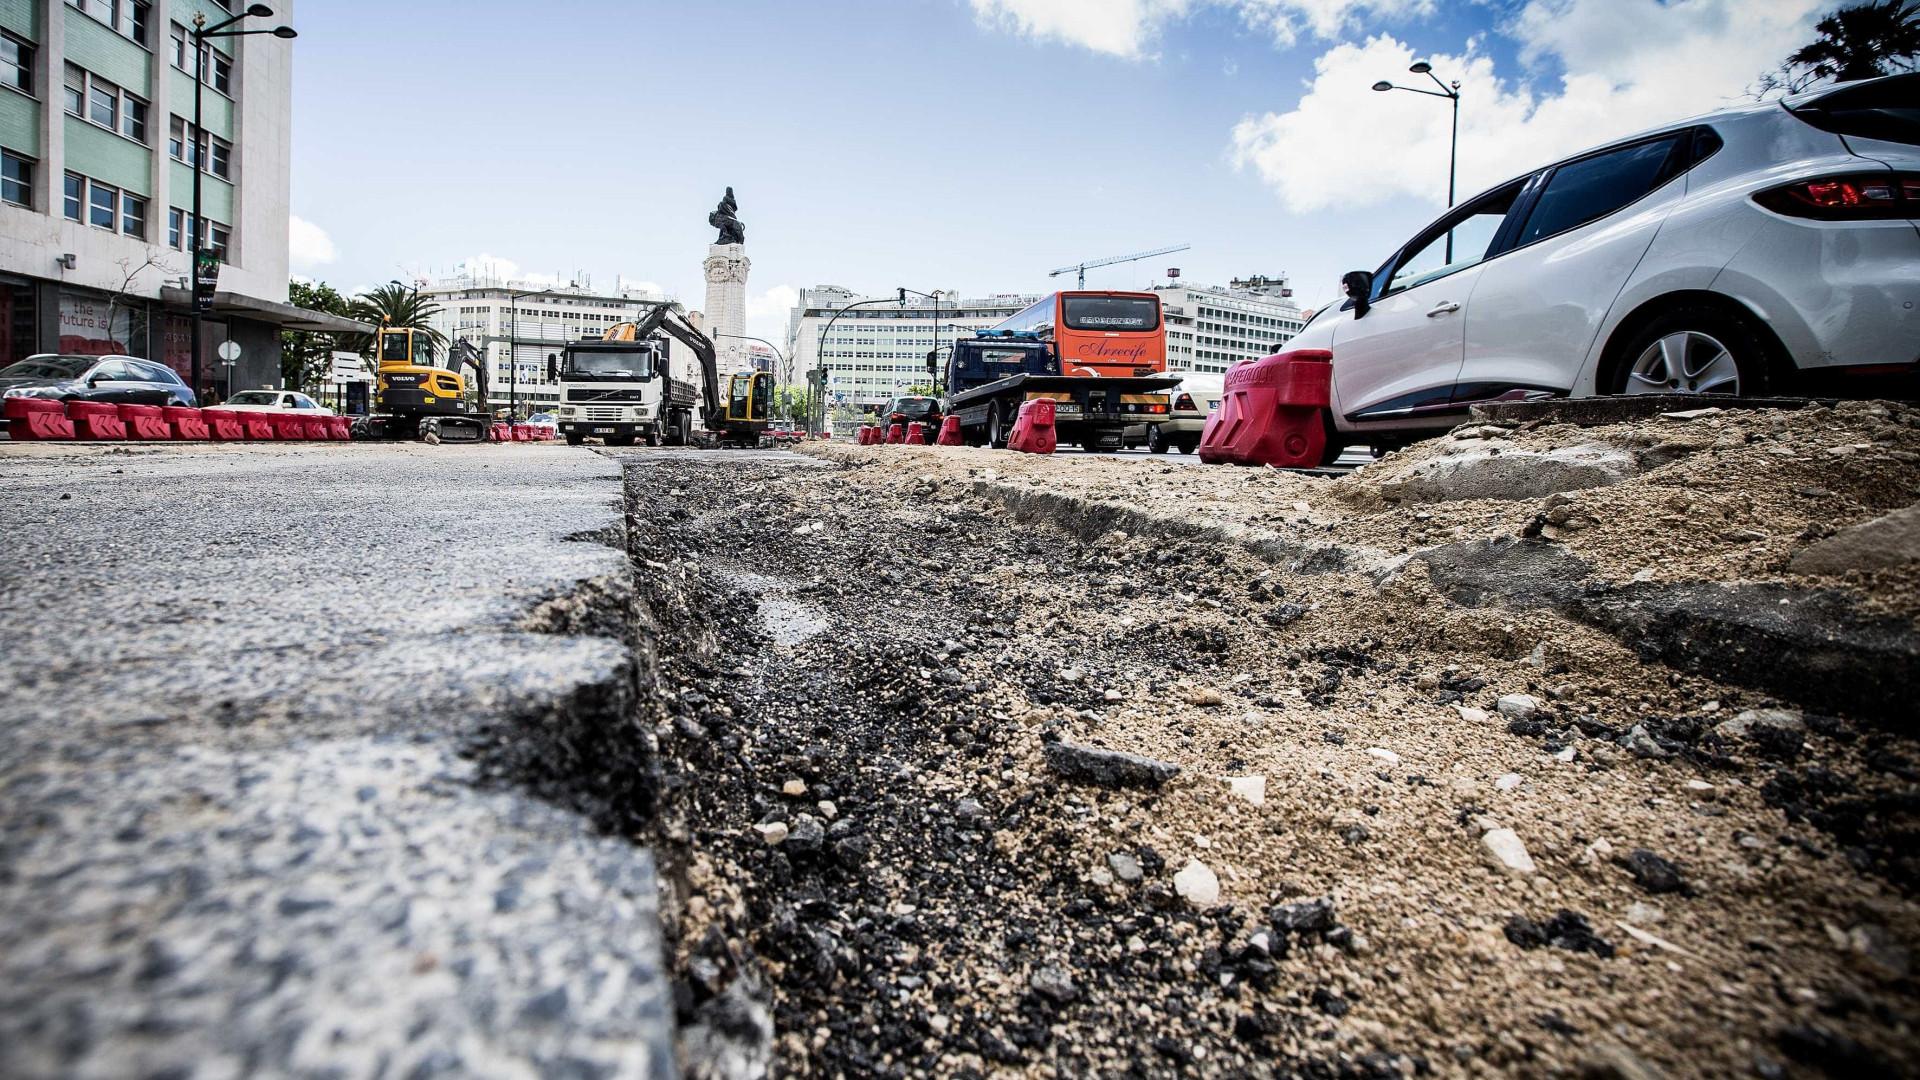 CDS pede isenção de taxas aos comerciantes afetados por obras em Lisboa